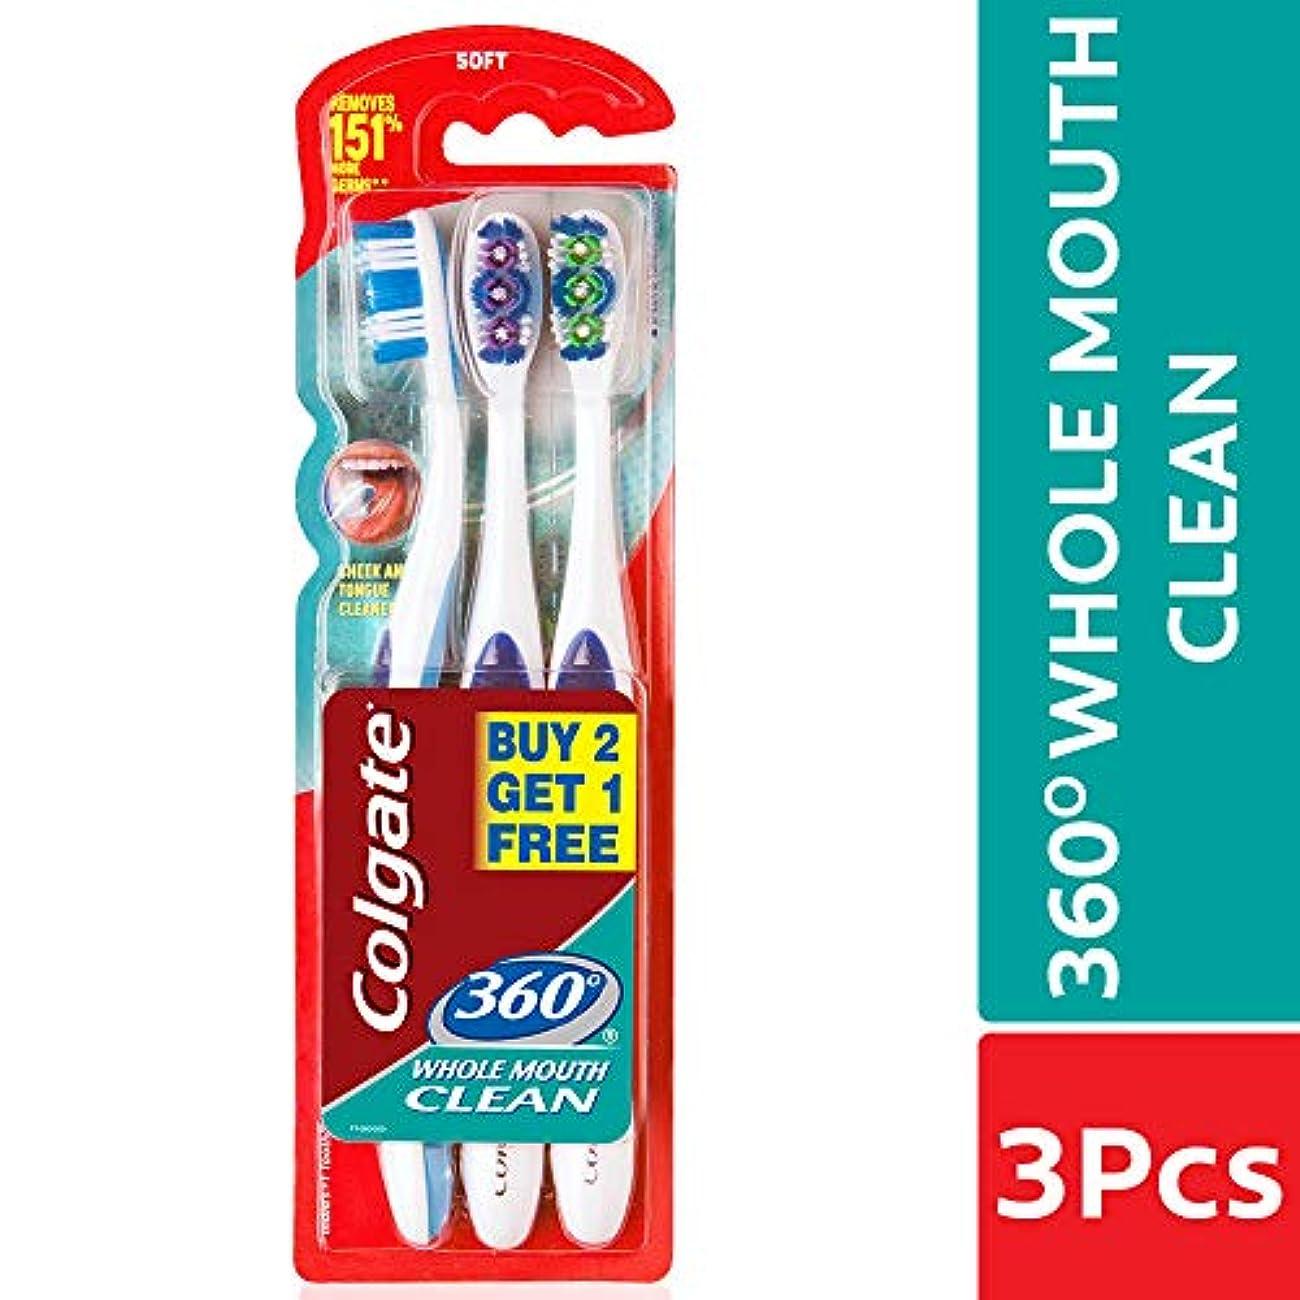 神経障害実施するリハーサルColgate 360 whole mouth clean (MEDIUM) toothbrush (3pc pack)